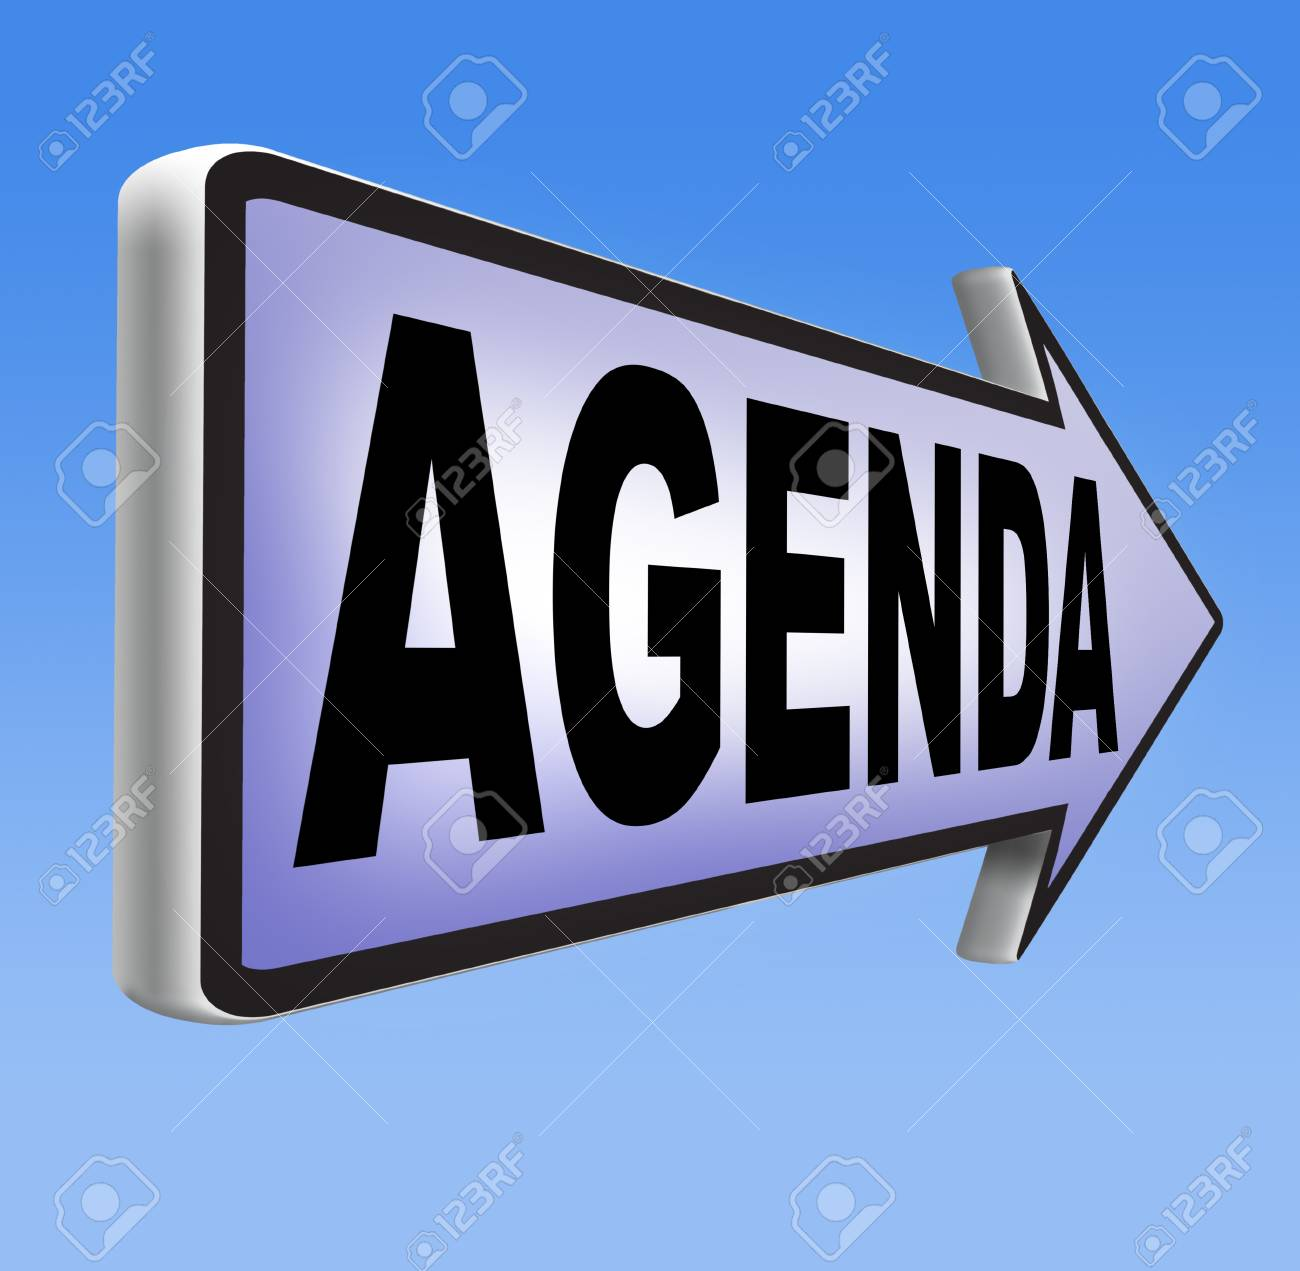 Agenda Calendario Mensual Y La Organización Y Planificación De ...